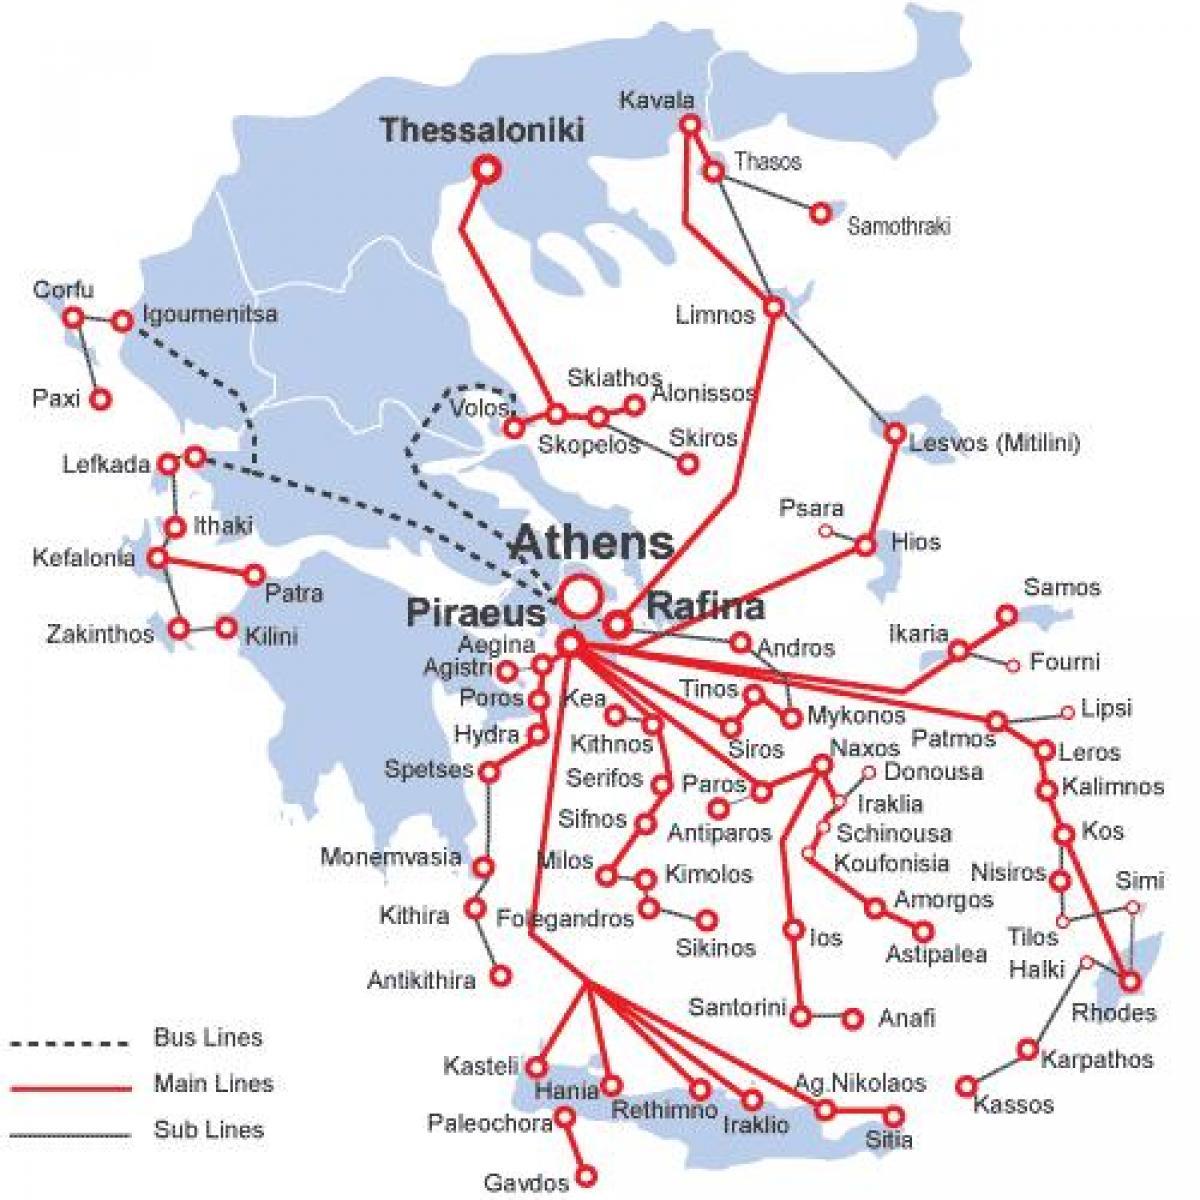 fährverbindungen griechenland karte Die Griechische Insel Fähre Karte   Landkarte Griechische Inseln